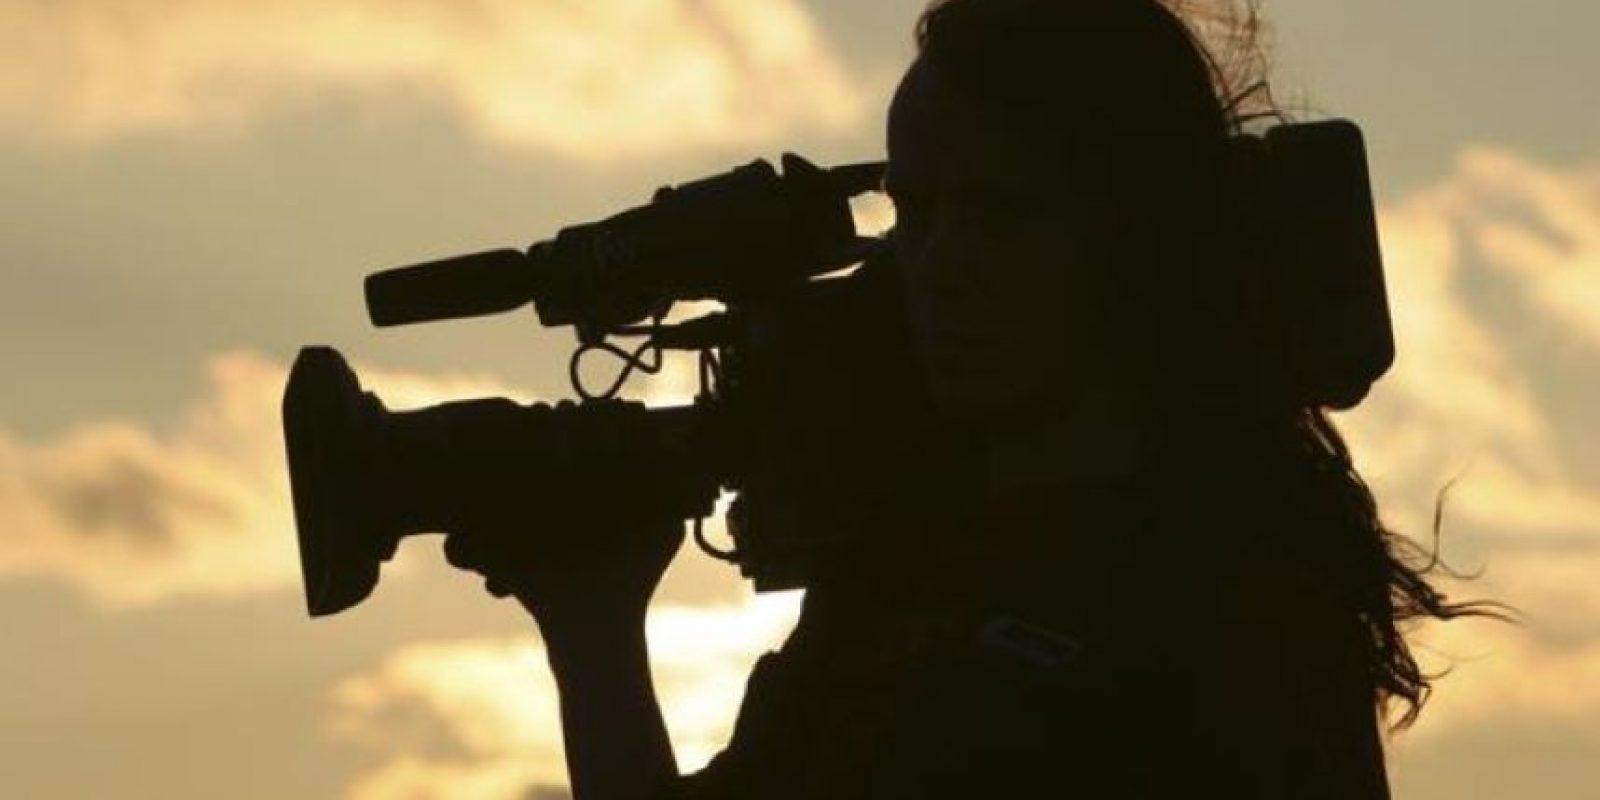 El director gana de mil a tres mil dólares por película. Foto:Pixabay